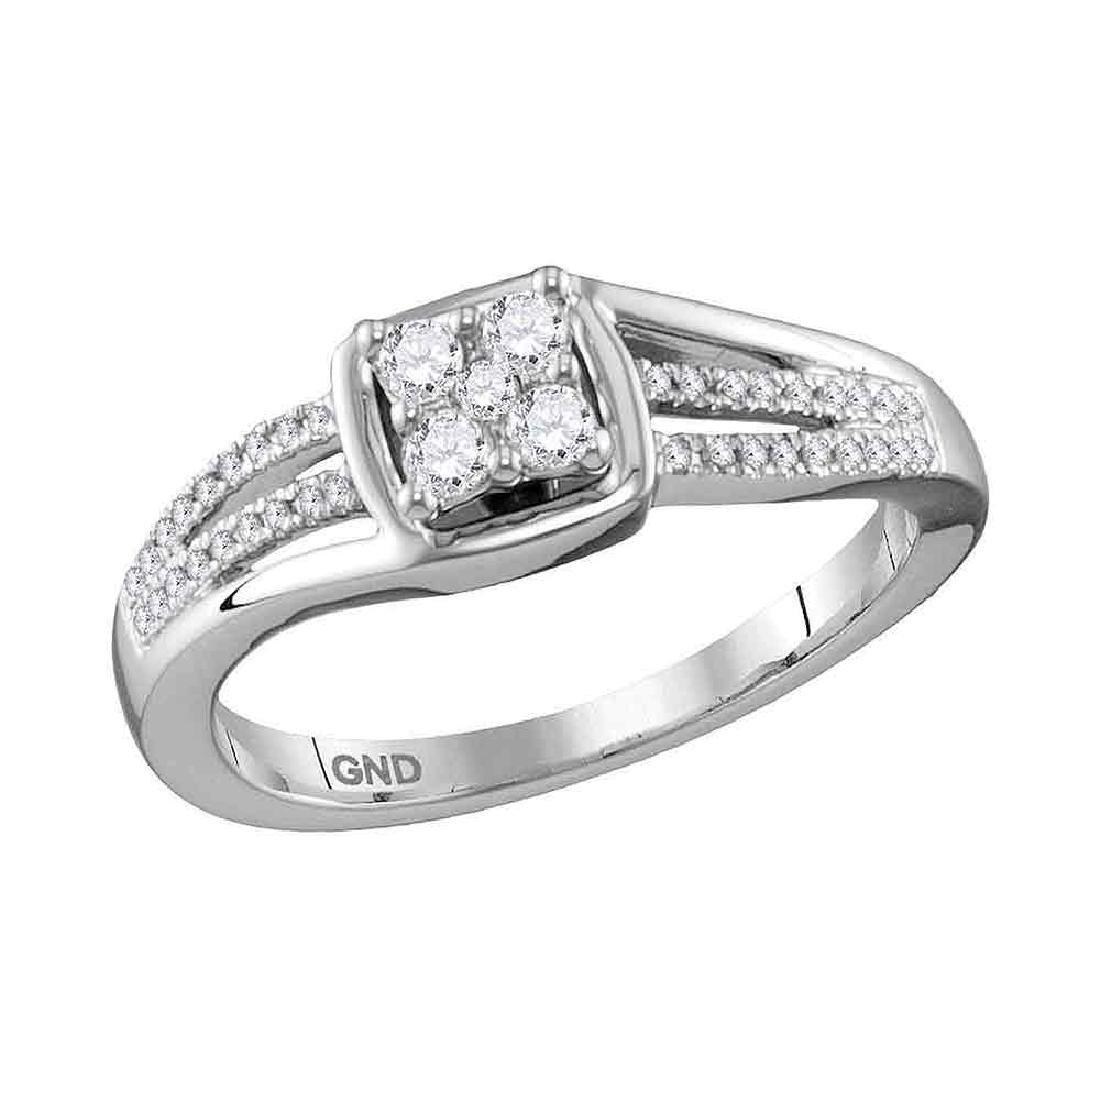 0.25 CTW Diamond Cluster Ring 10KT White Gold -